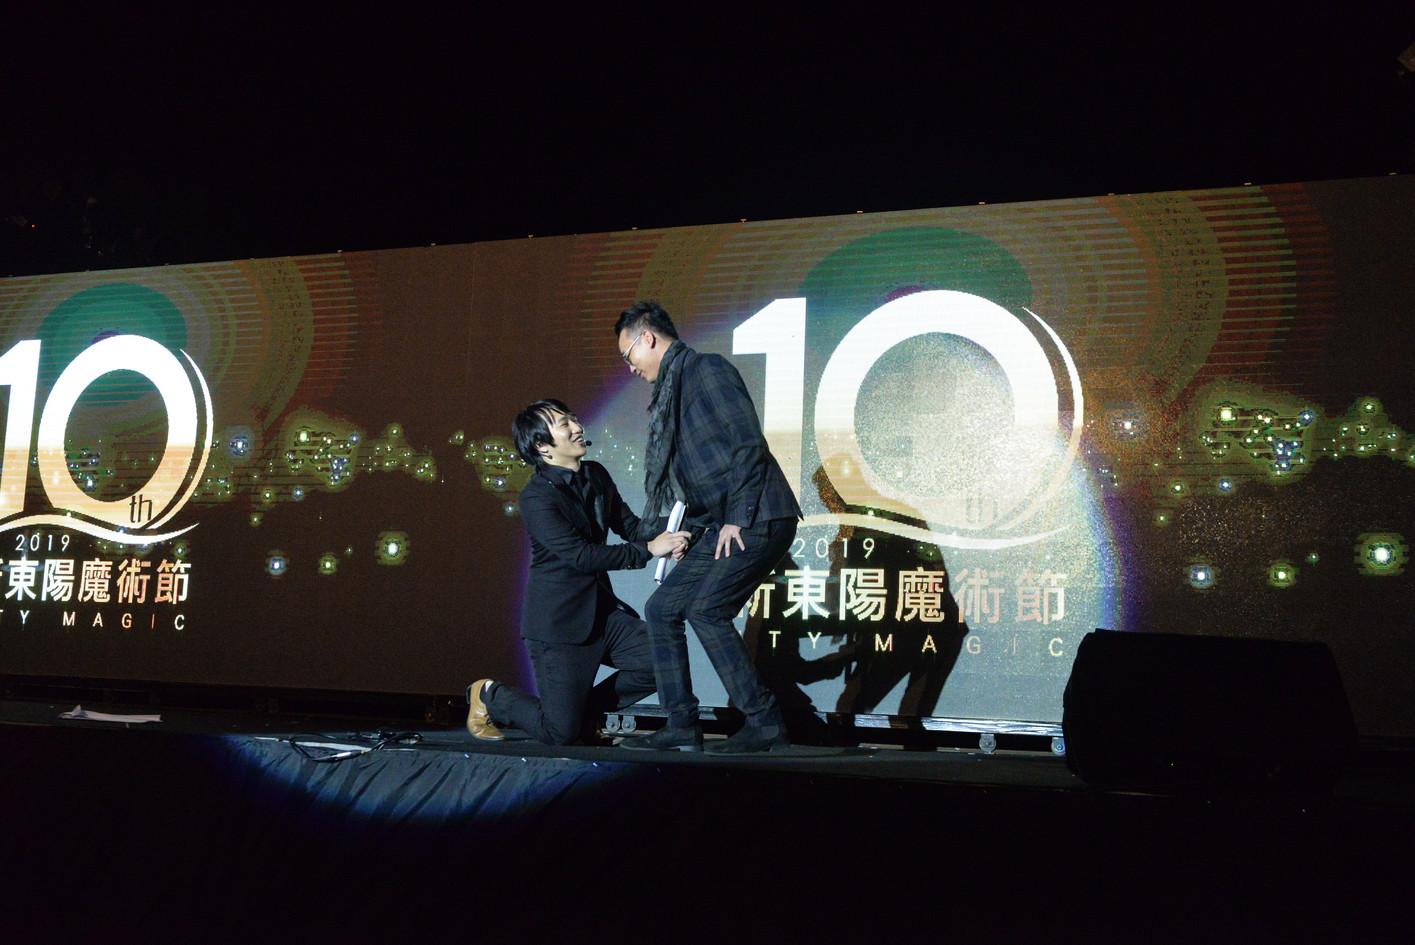 第十屆新東陽魔術節 國際魔術賽主持人 徐文懋 表演